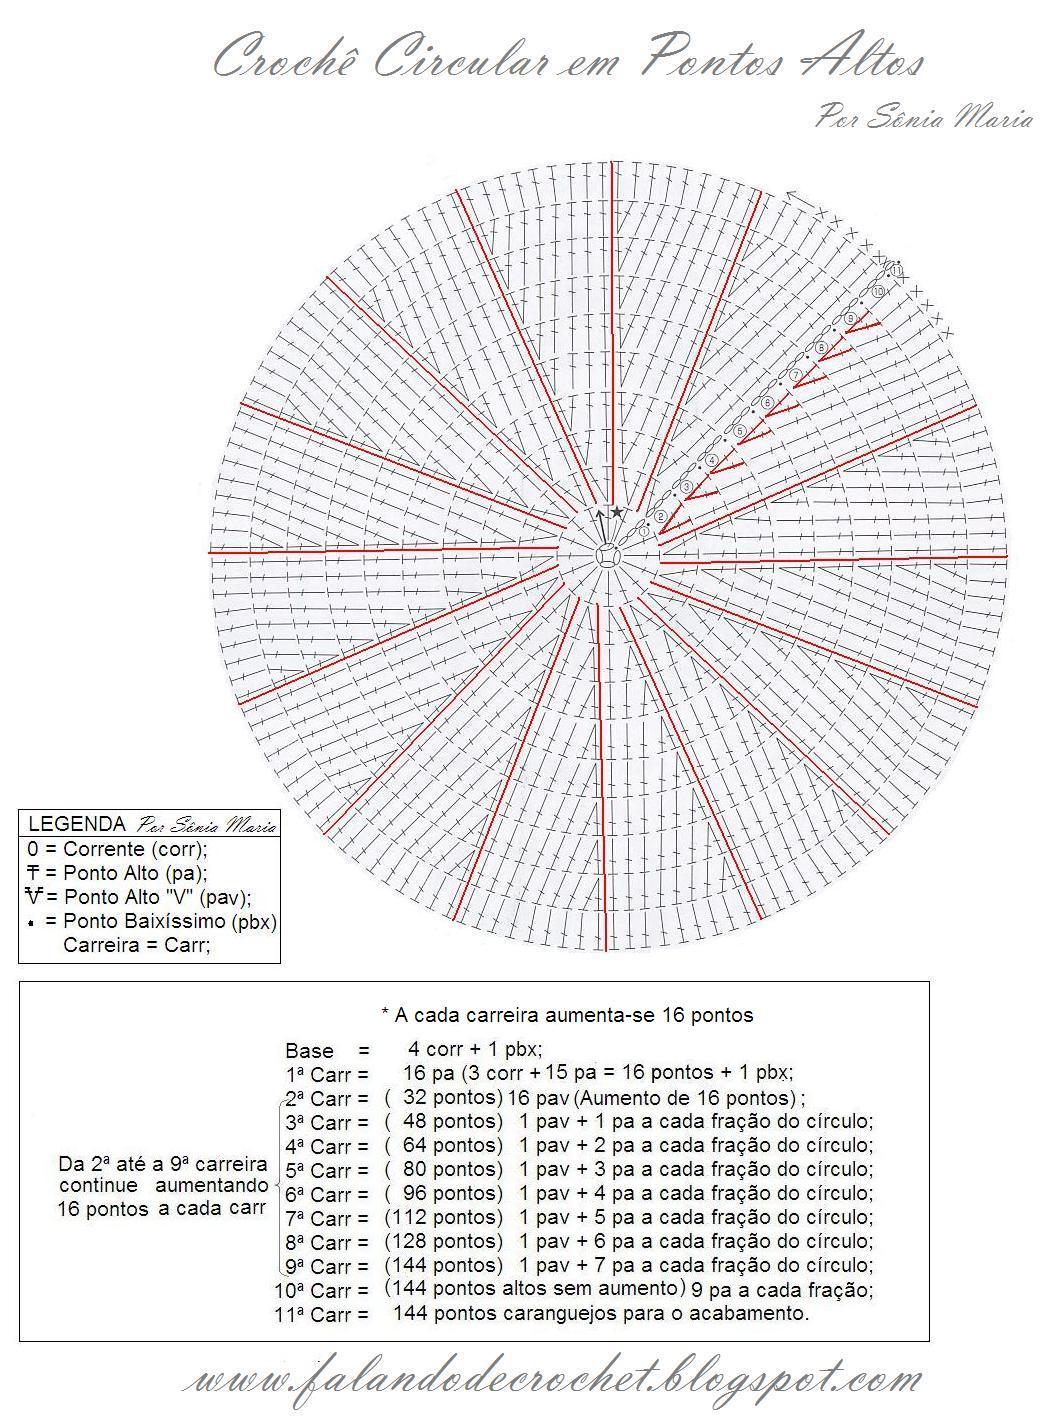 70 Tapetes De Croch Redondos Lind Ssimos Como Fazer Com Gr Ficos -> Tapete De Croche Redondo Passo A Passo